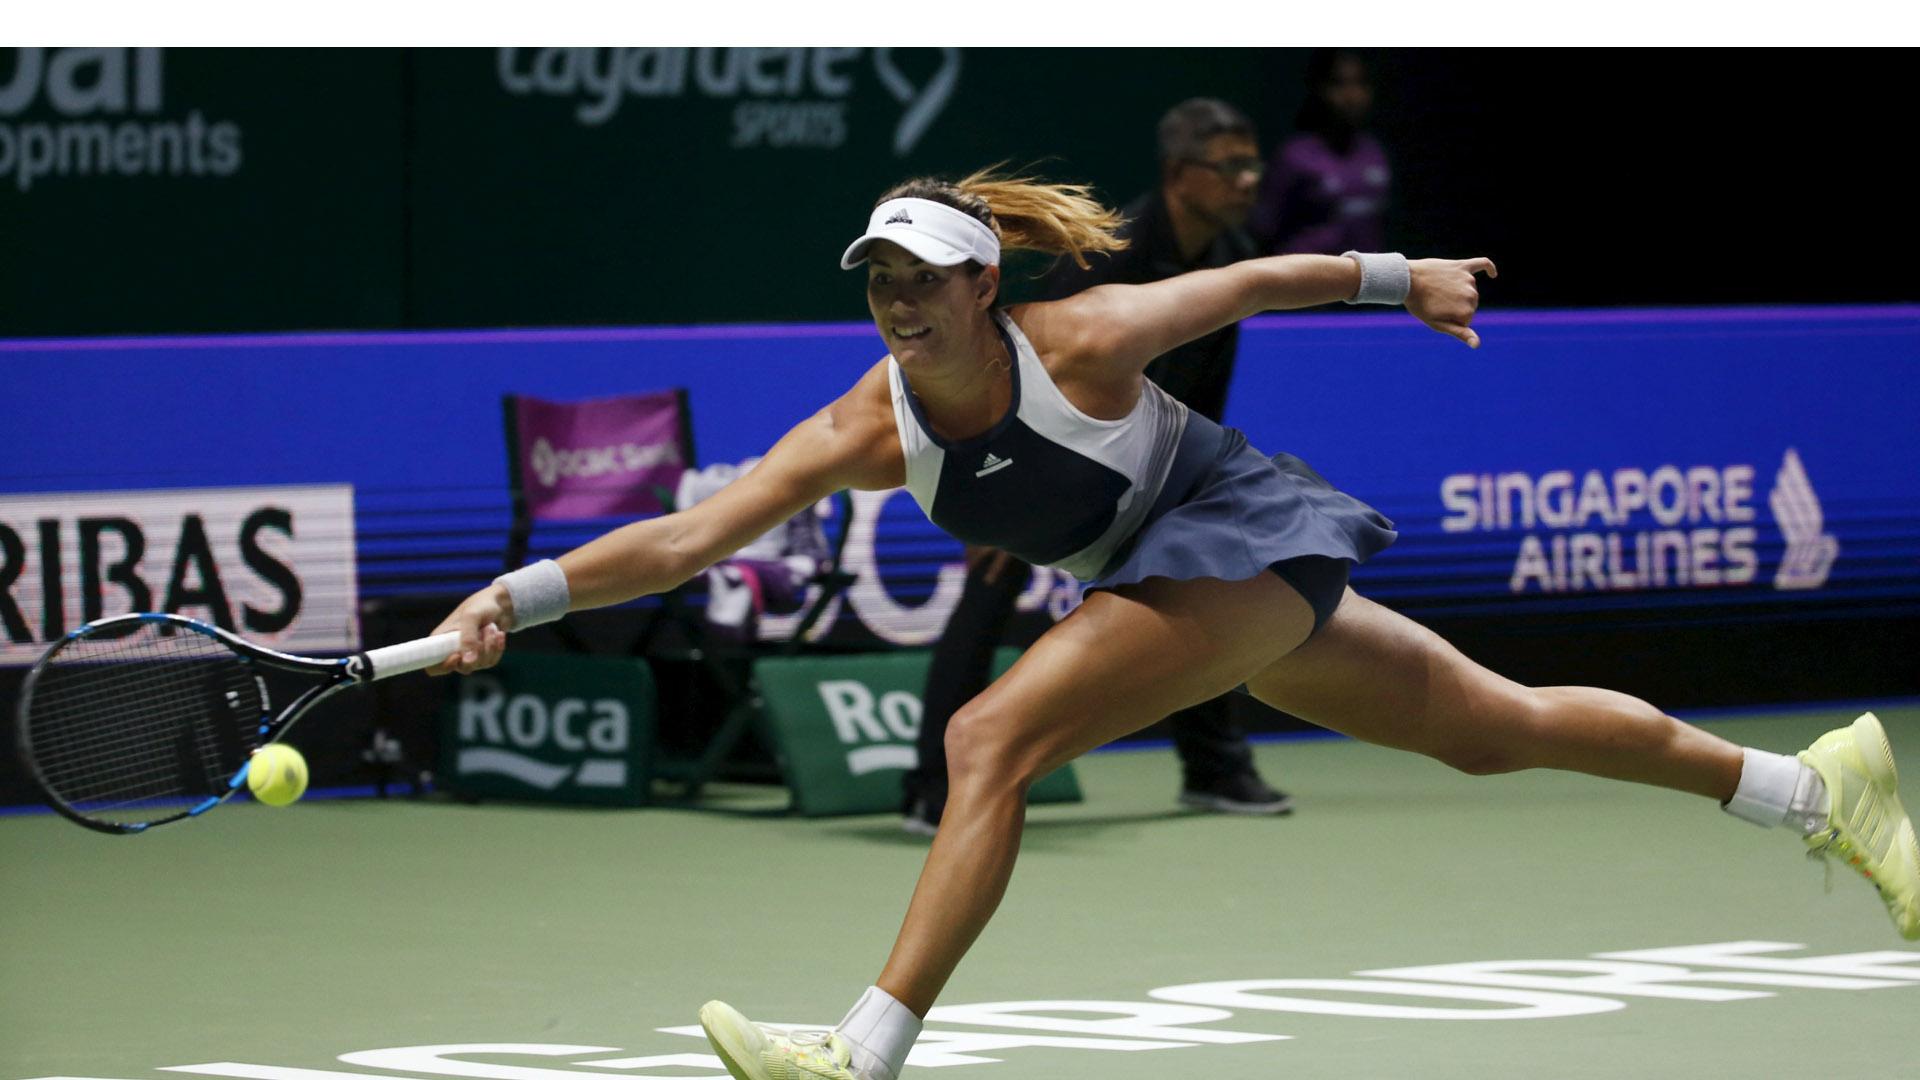 Actualmente se posiciona de tercera en el ranking mundial, convirtiéndose en la gran revelación de la temporada de tenis femenino